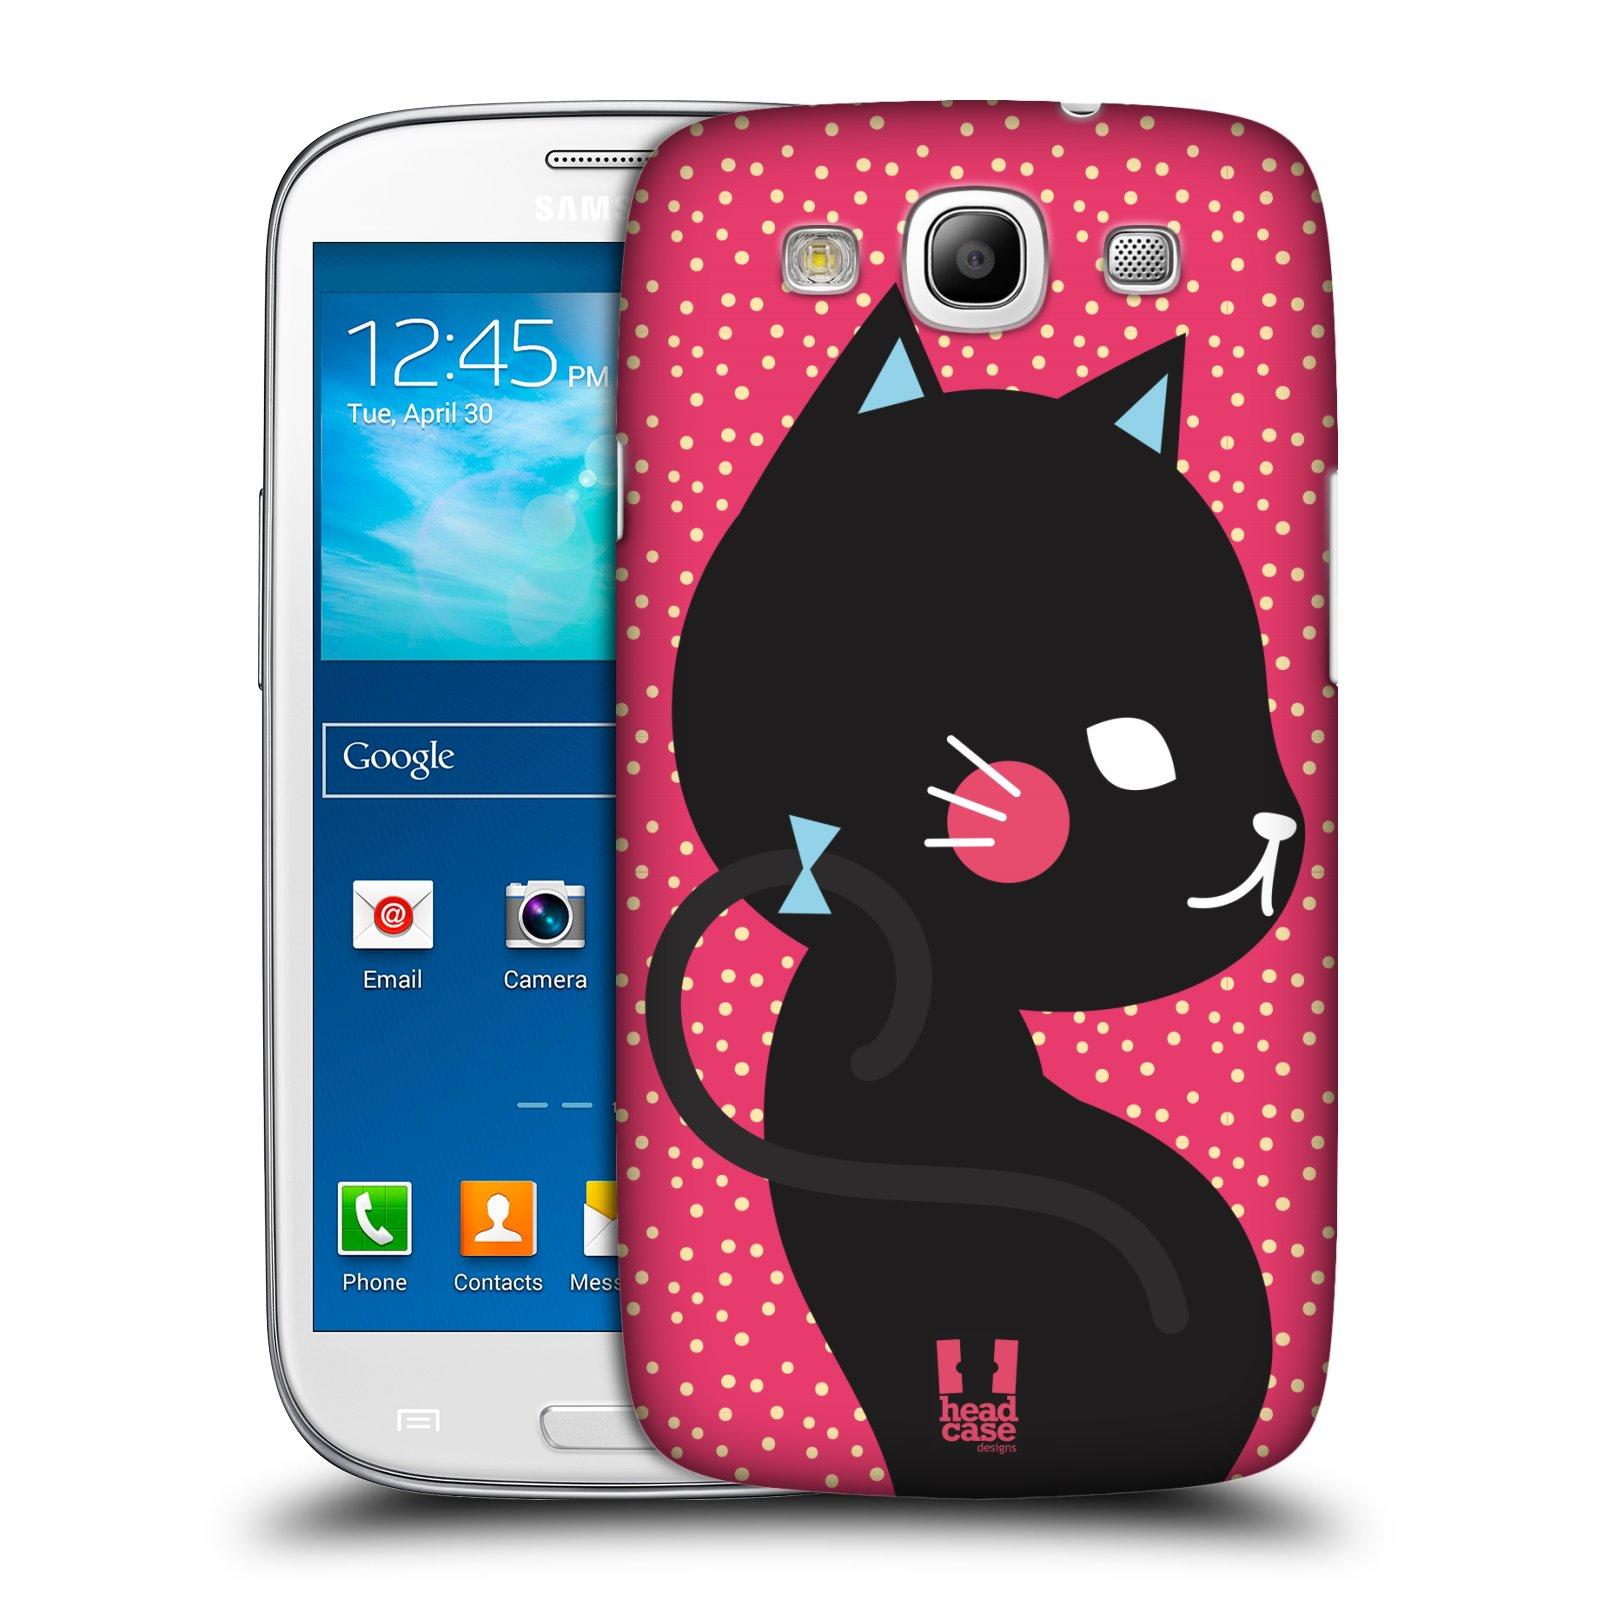 Plastové pouzdro na mobil Samsung Galaxy S3 Neo HEAD CASE KOČIČKA ČERNÁ NA RŮŽOVÉ (Kryt či obal na mobilní telefon Samsung Galaxy S3 Neo GT-i9301i)